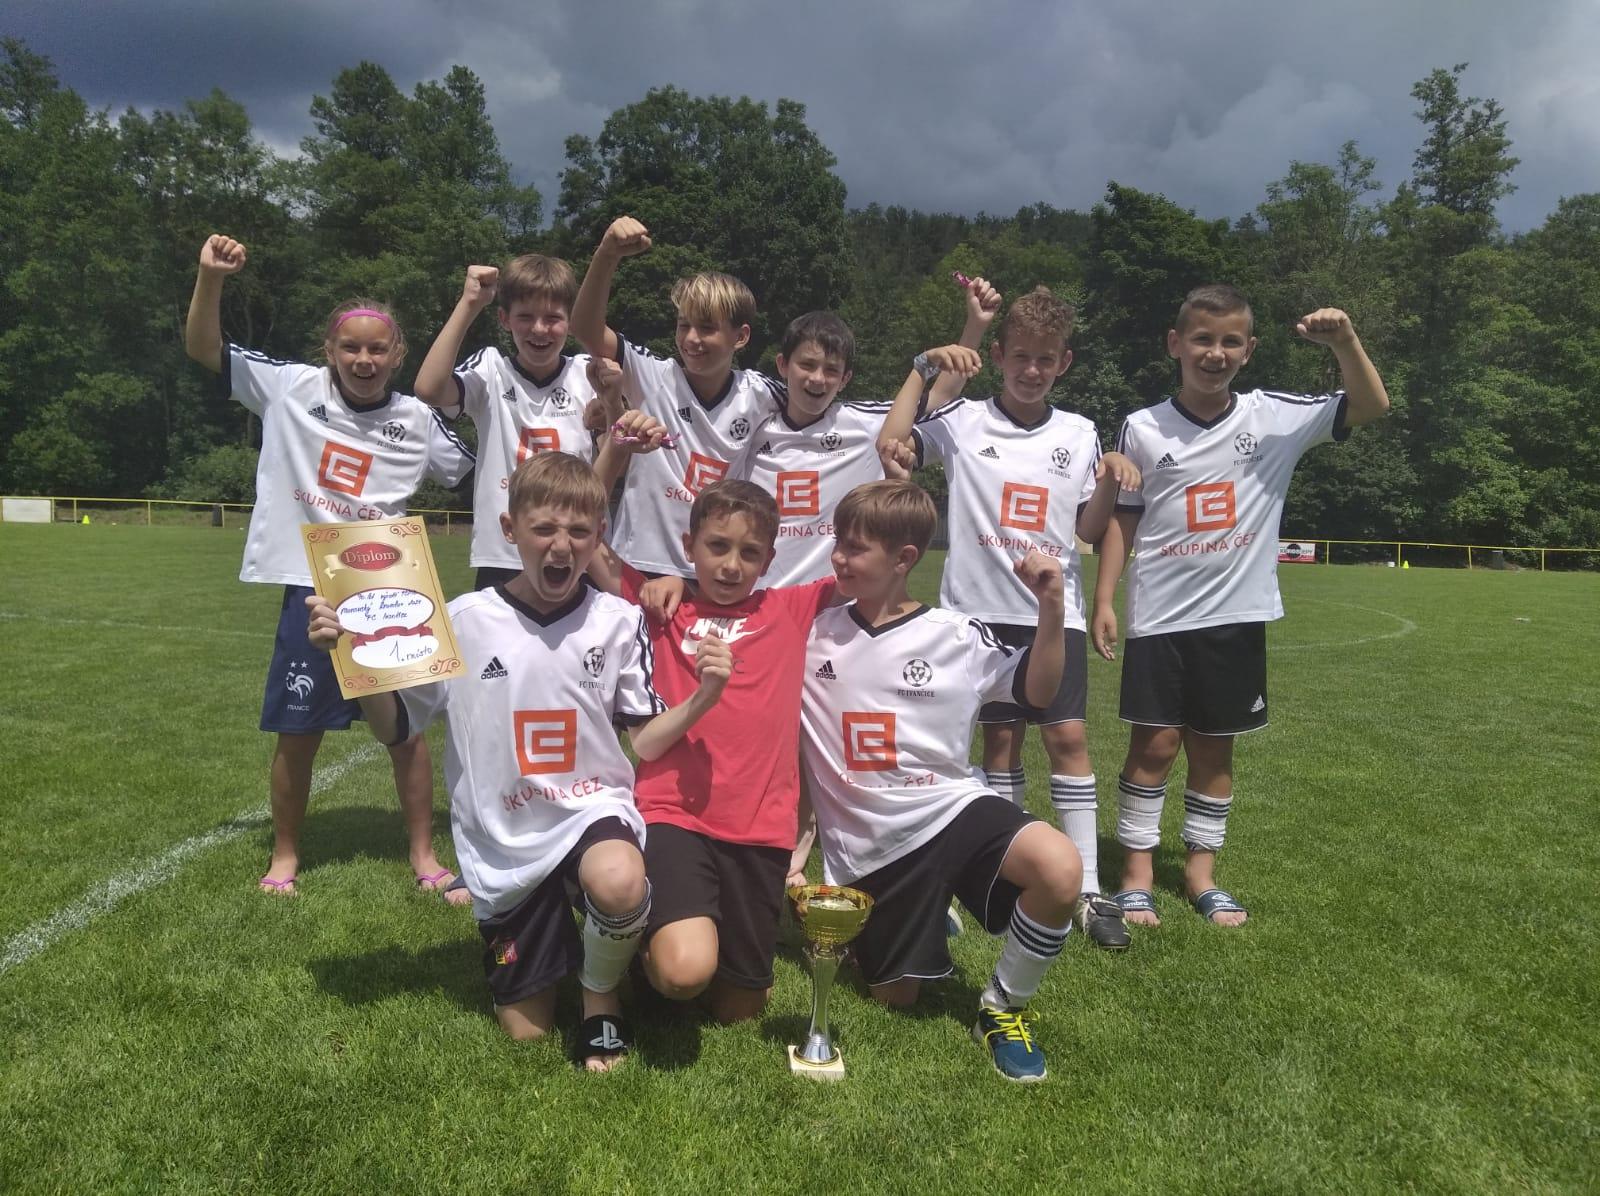 Mladší žáci vyhráli turnaj v Krumlově